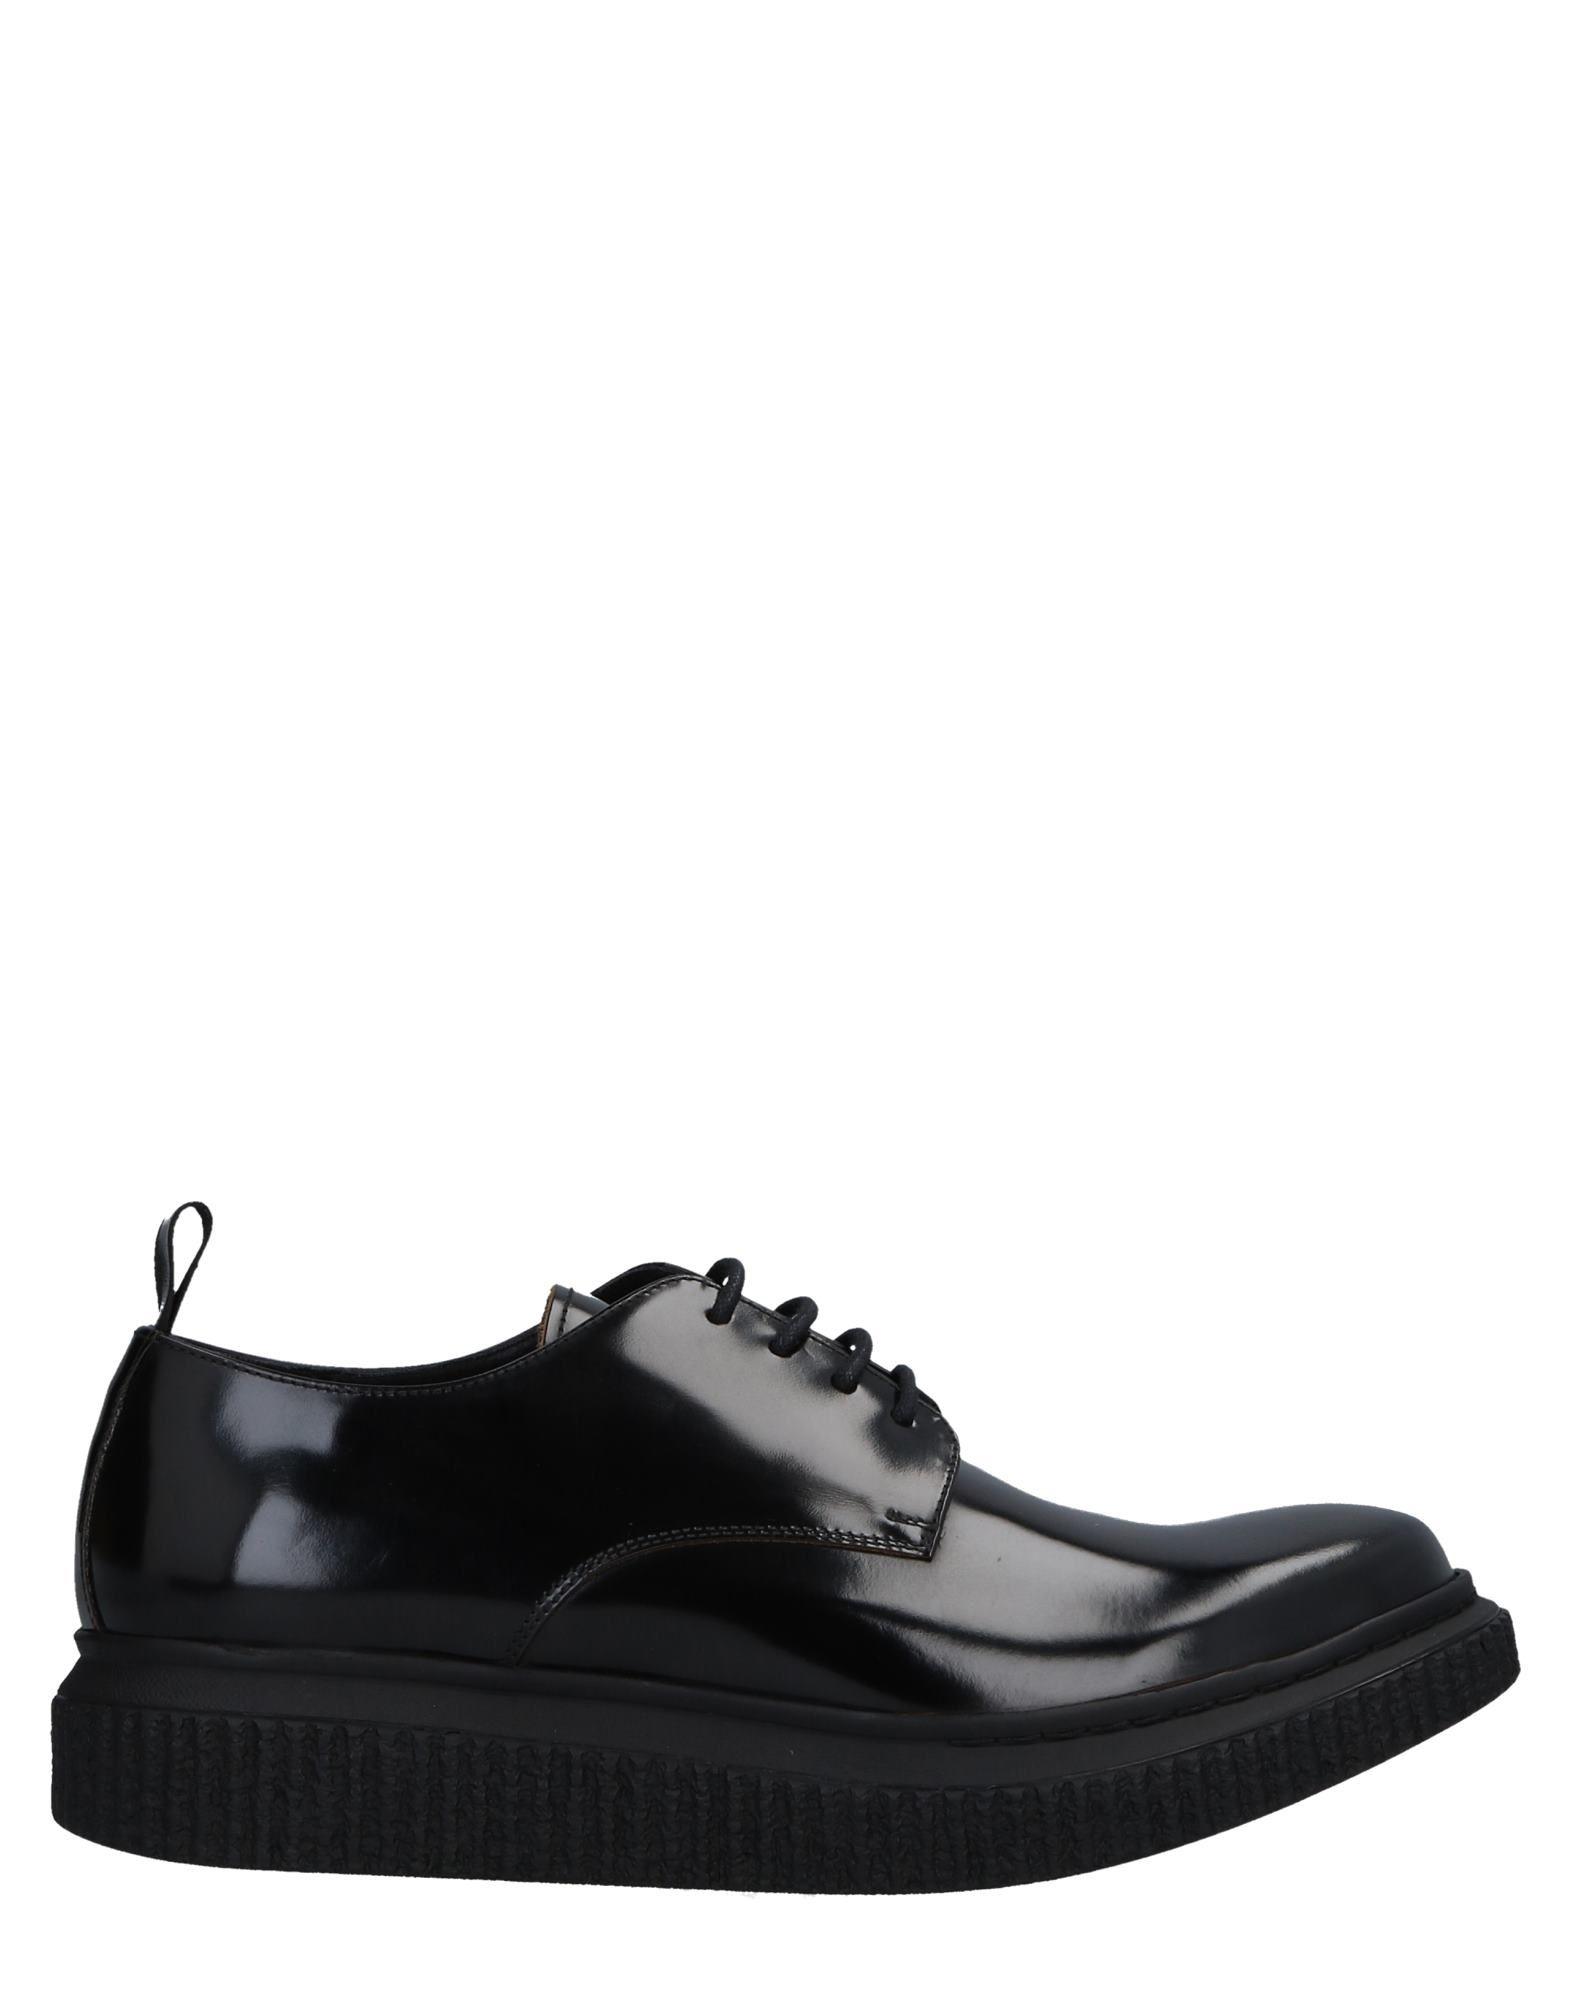 Officine Creative Italia Schnürschuhe Herren  11513136XO Neue Schuhe